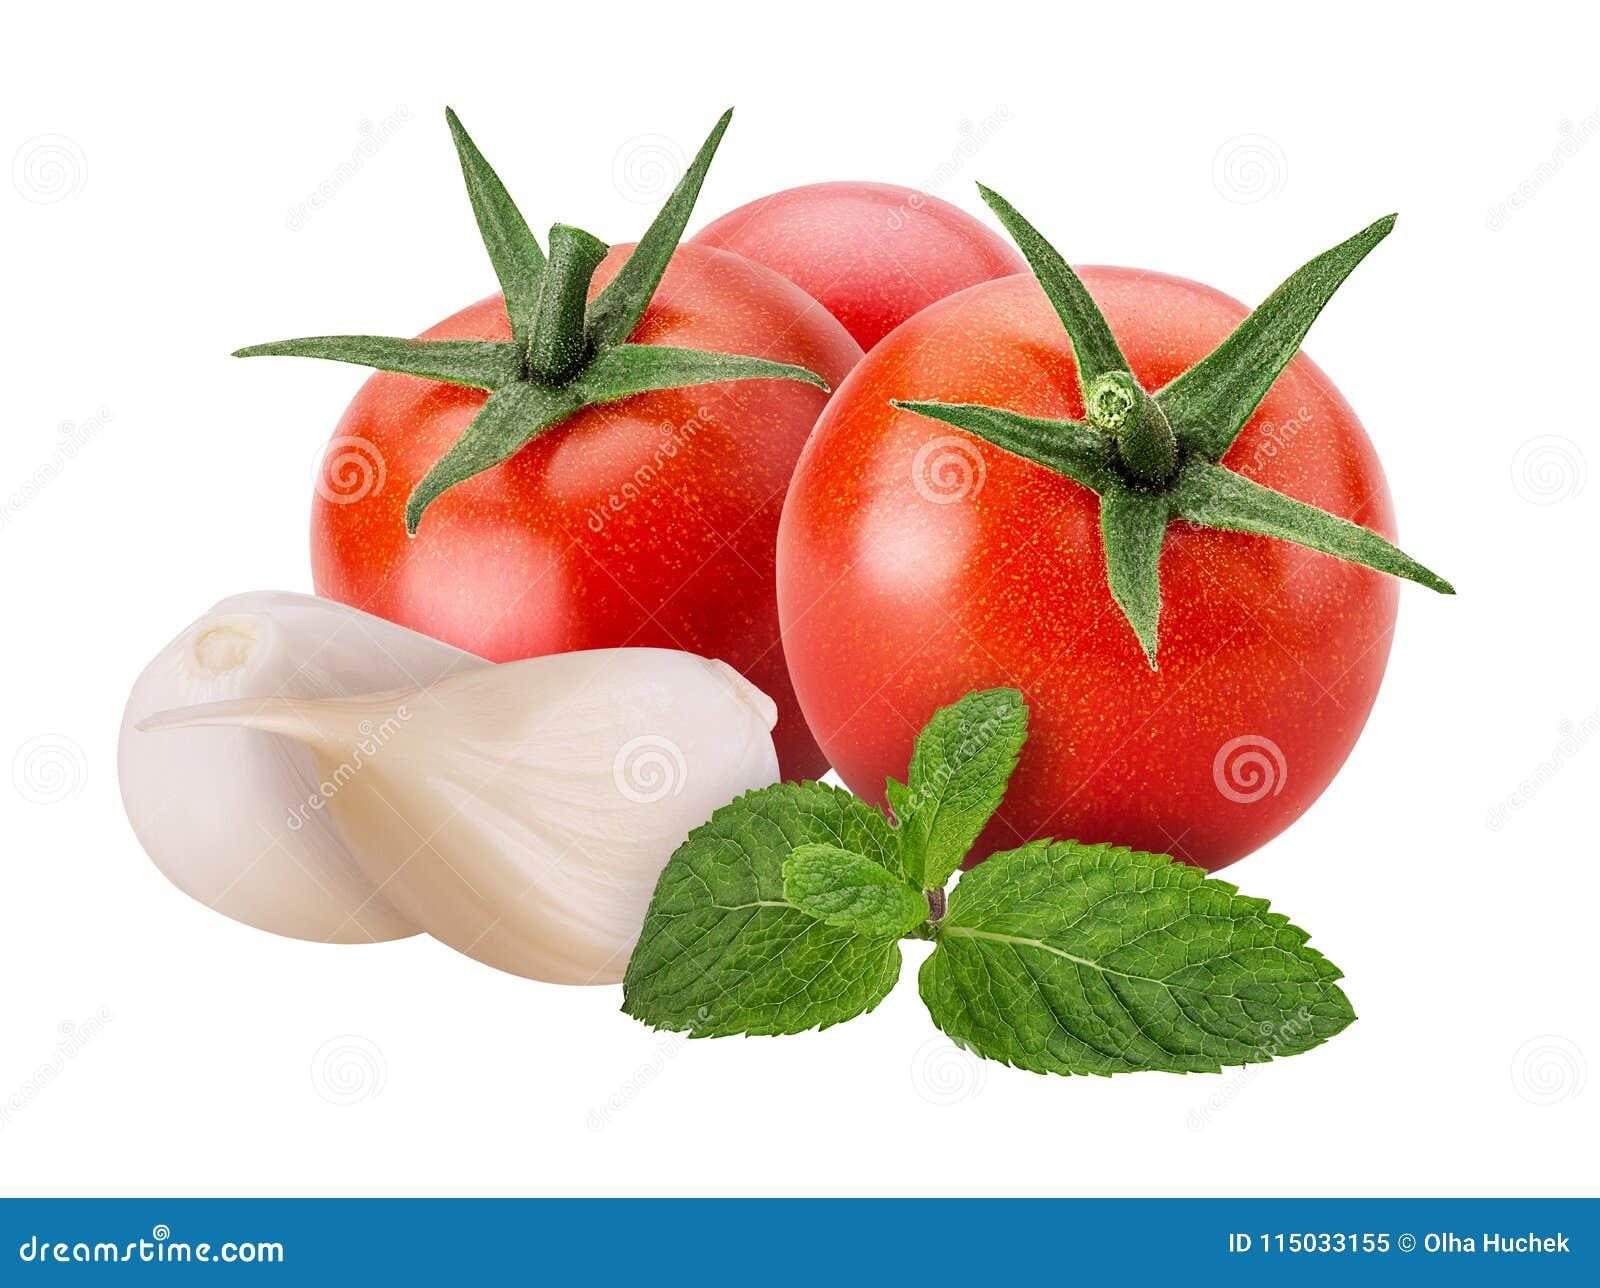 Ortaggi freschi pomodoro rosso, aglio, menta